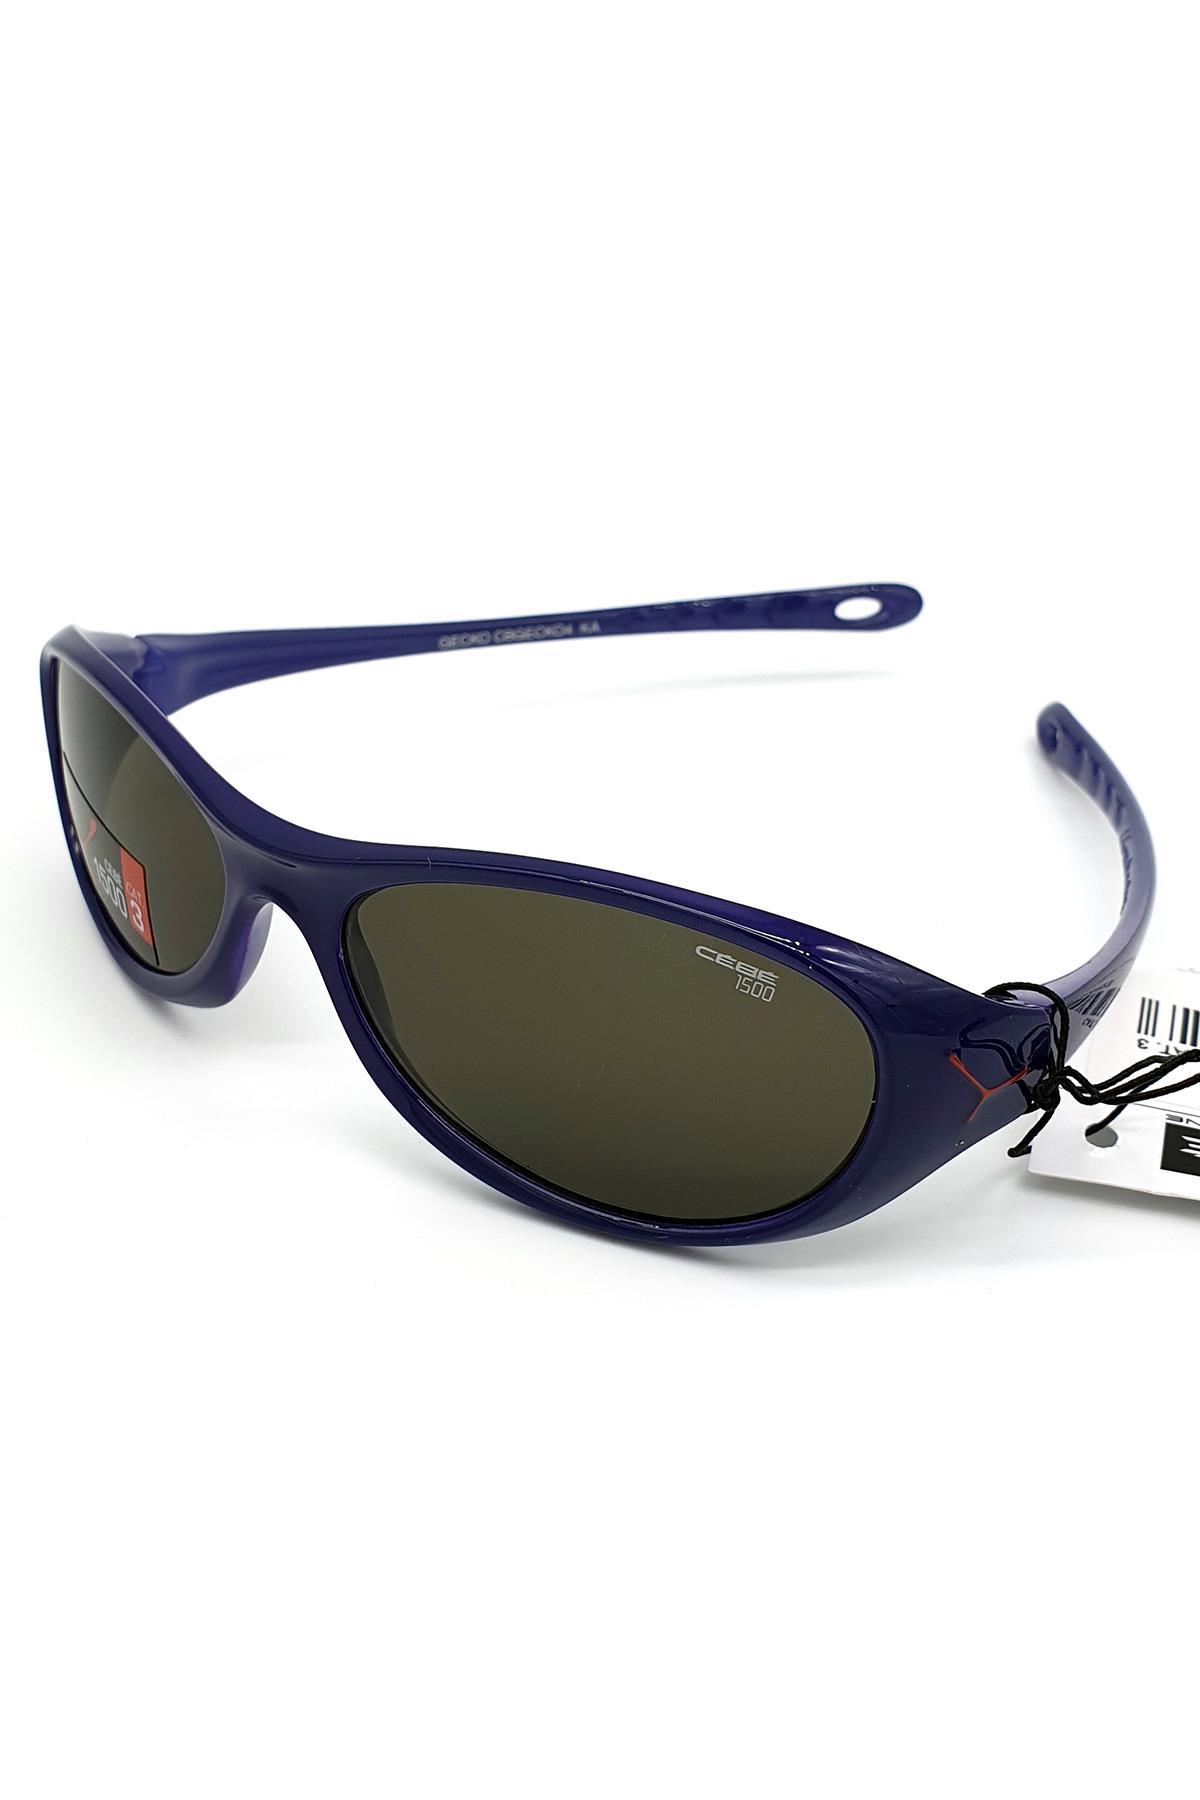 Cebe Gecko Çocuk  Gözlük Lander 1500 Grey Cbgecko4